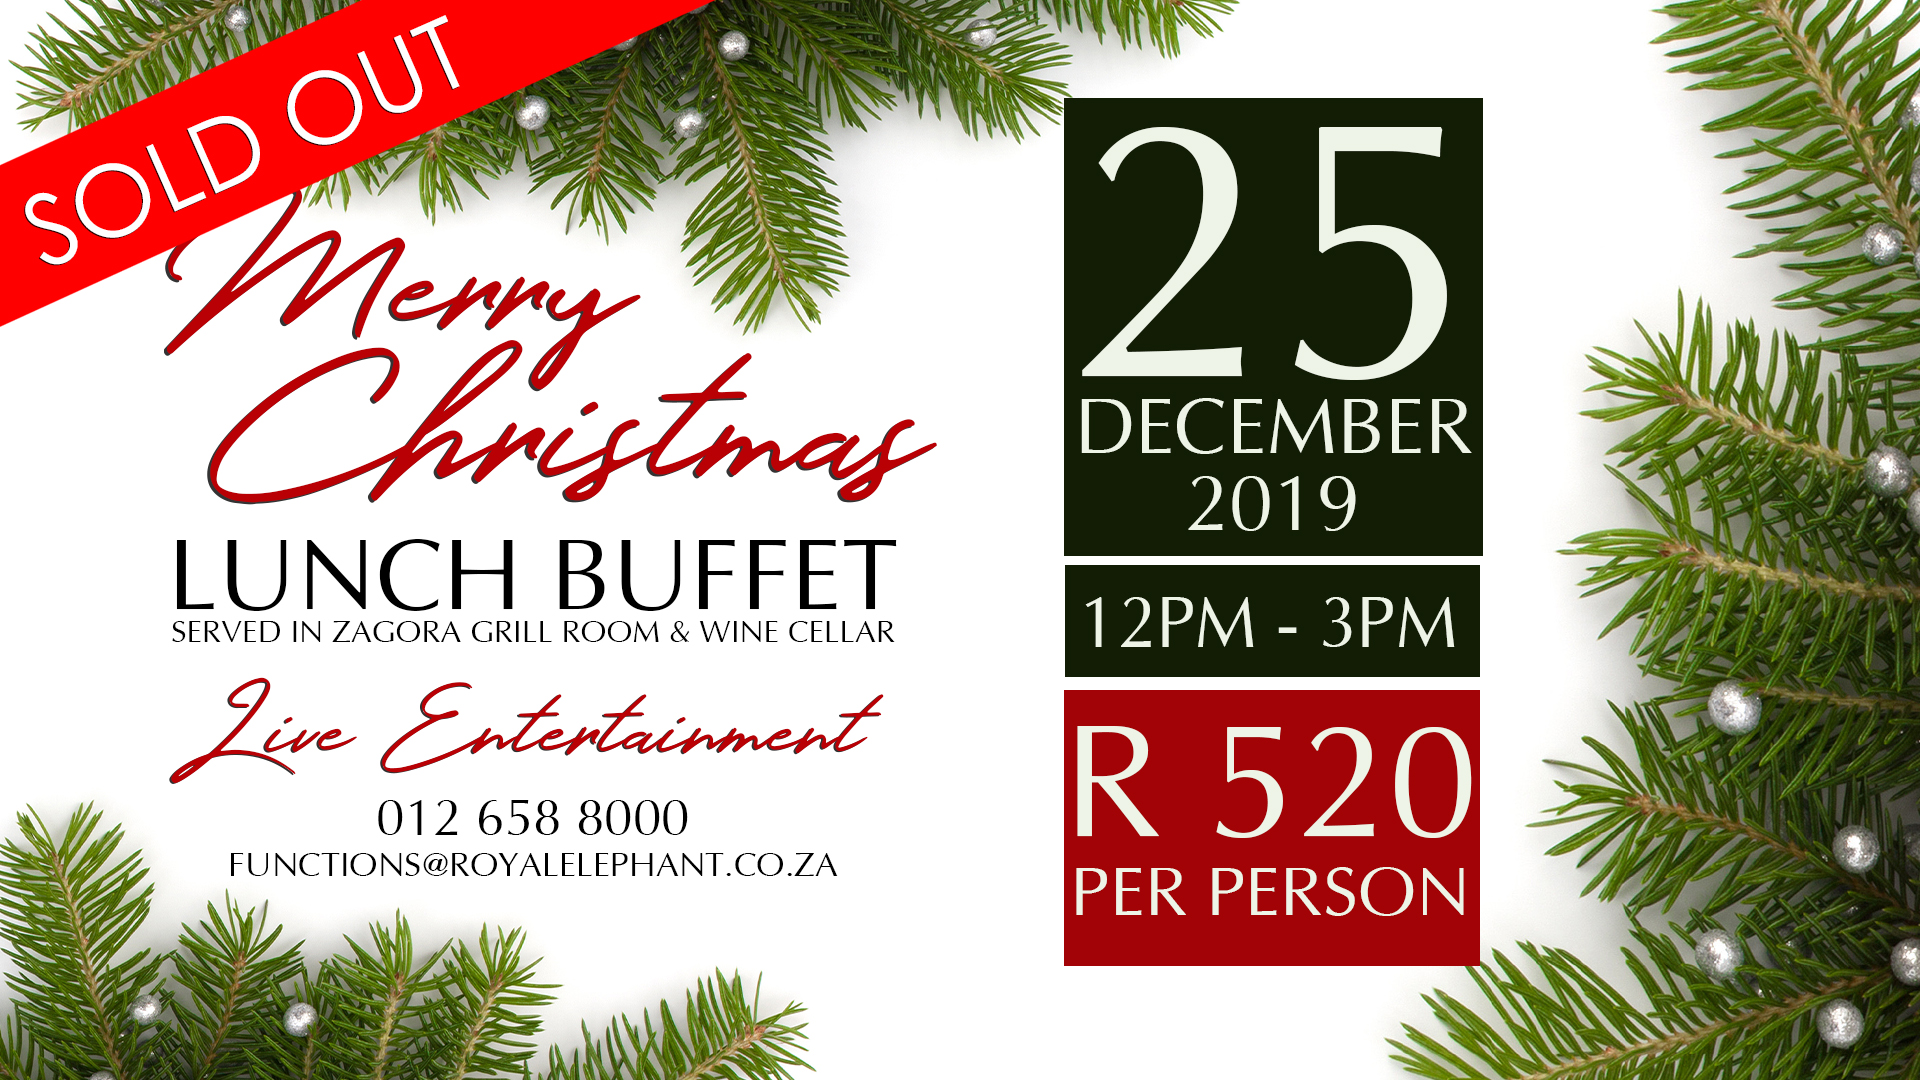 Christmas Lunch Buffet – 25 December 2019